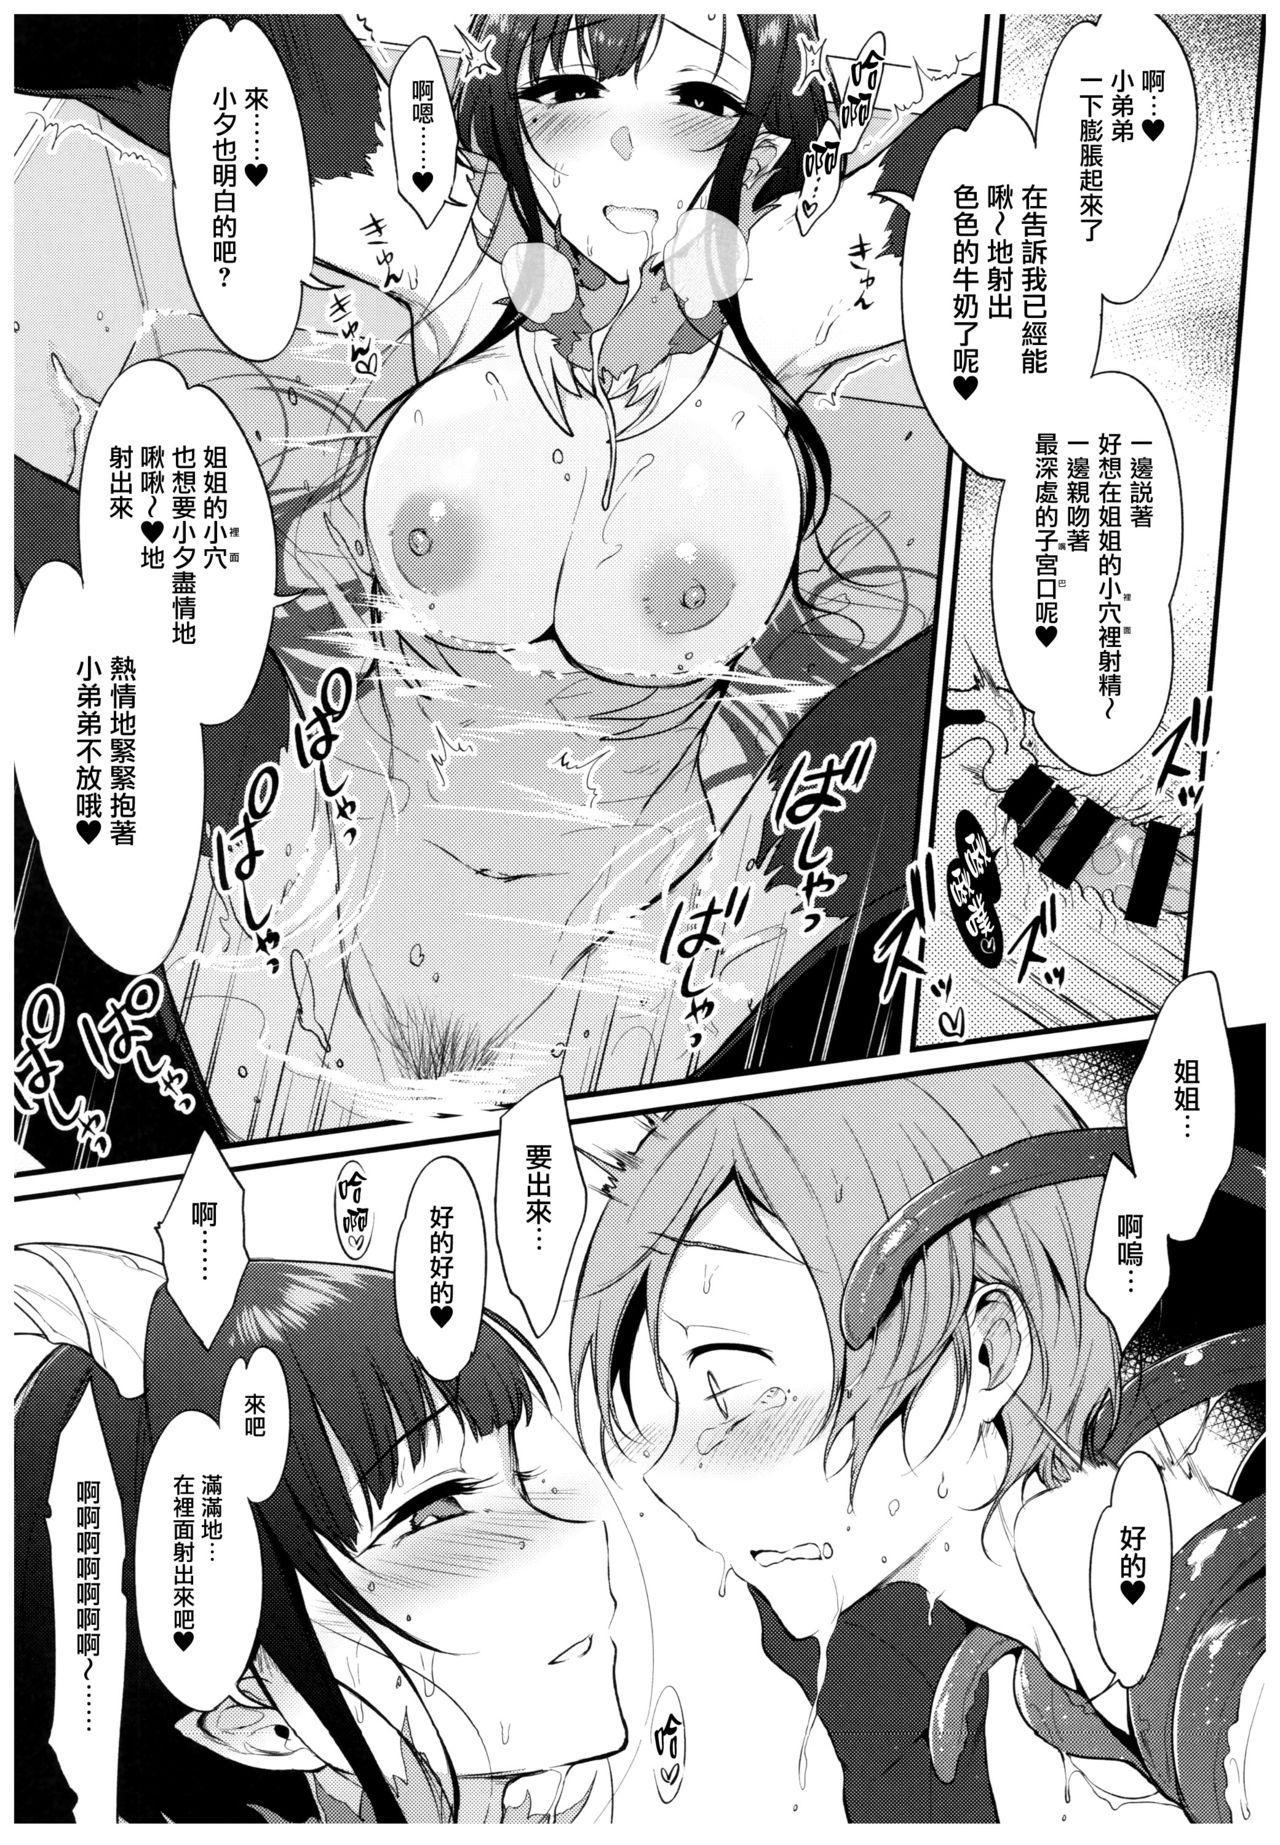 Ane Naru Mono 6 18